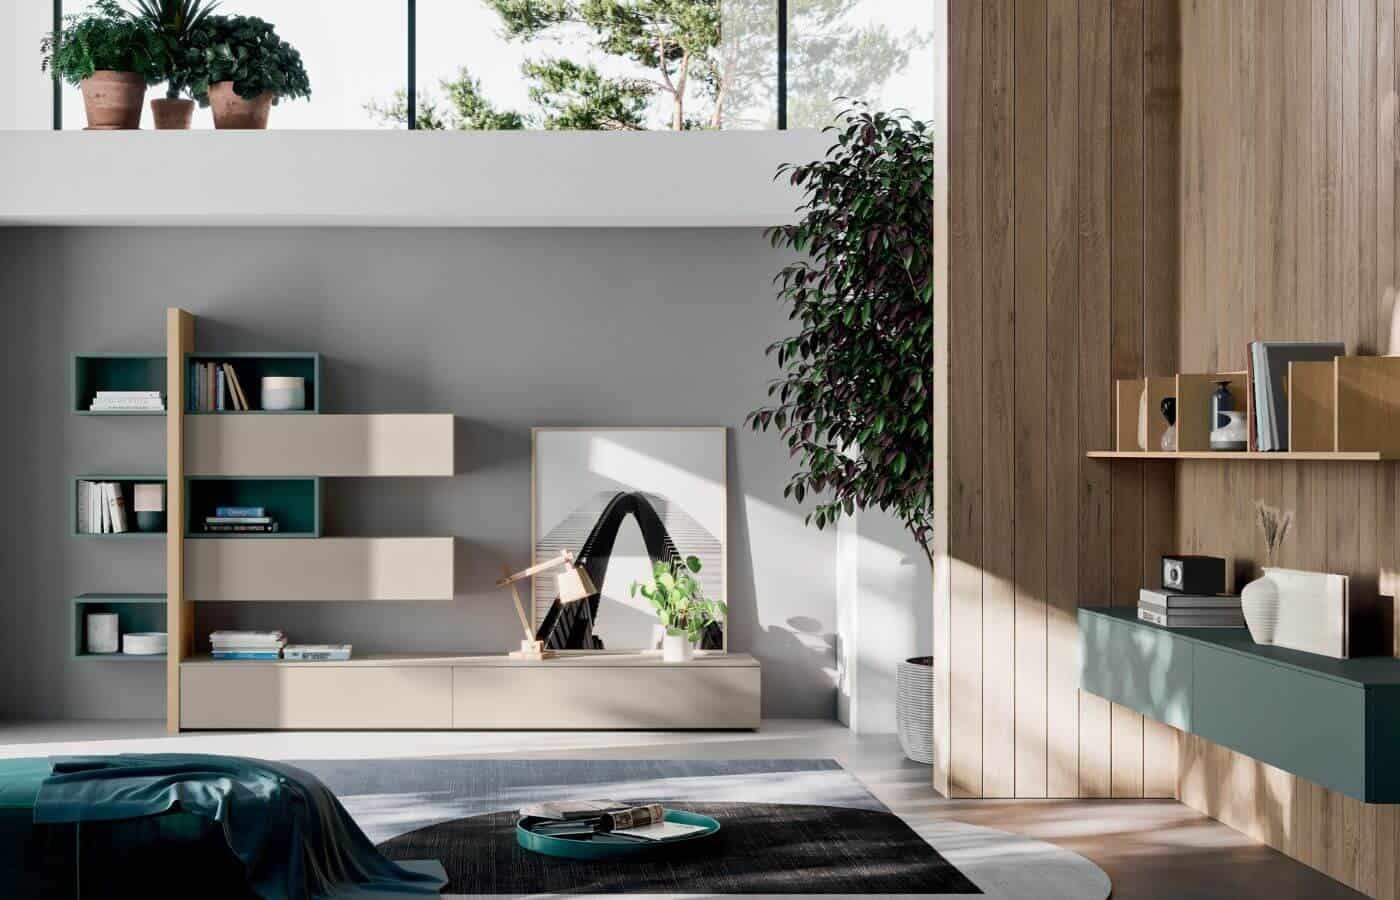 zona-giorno-parete-attrezzata-collezione-forma-light-il-mobile (3)